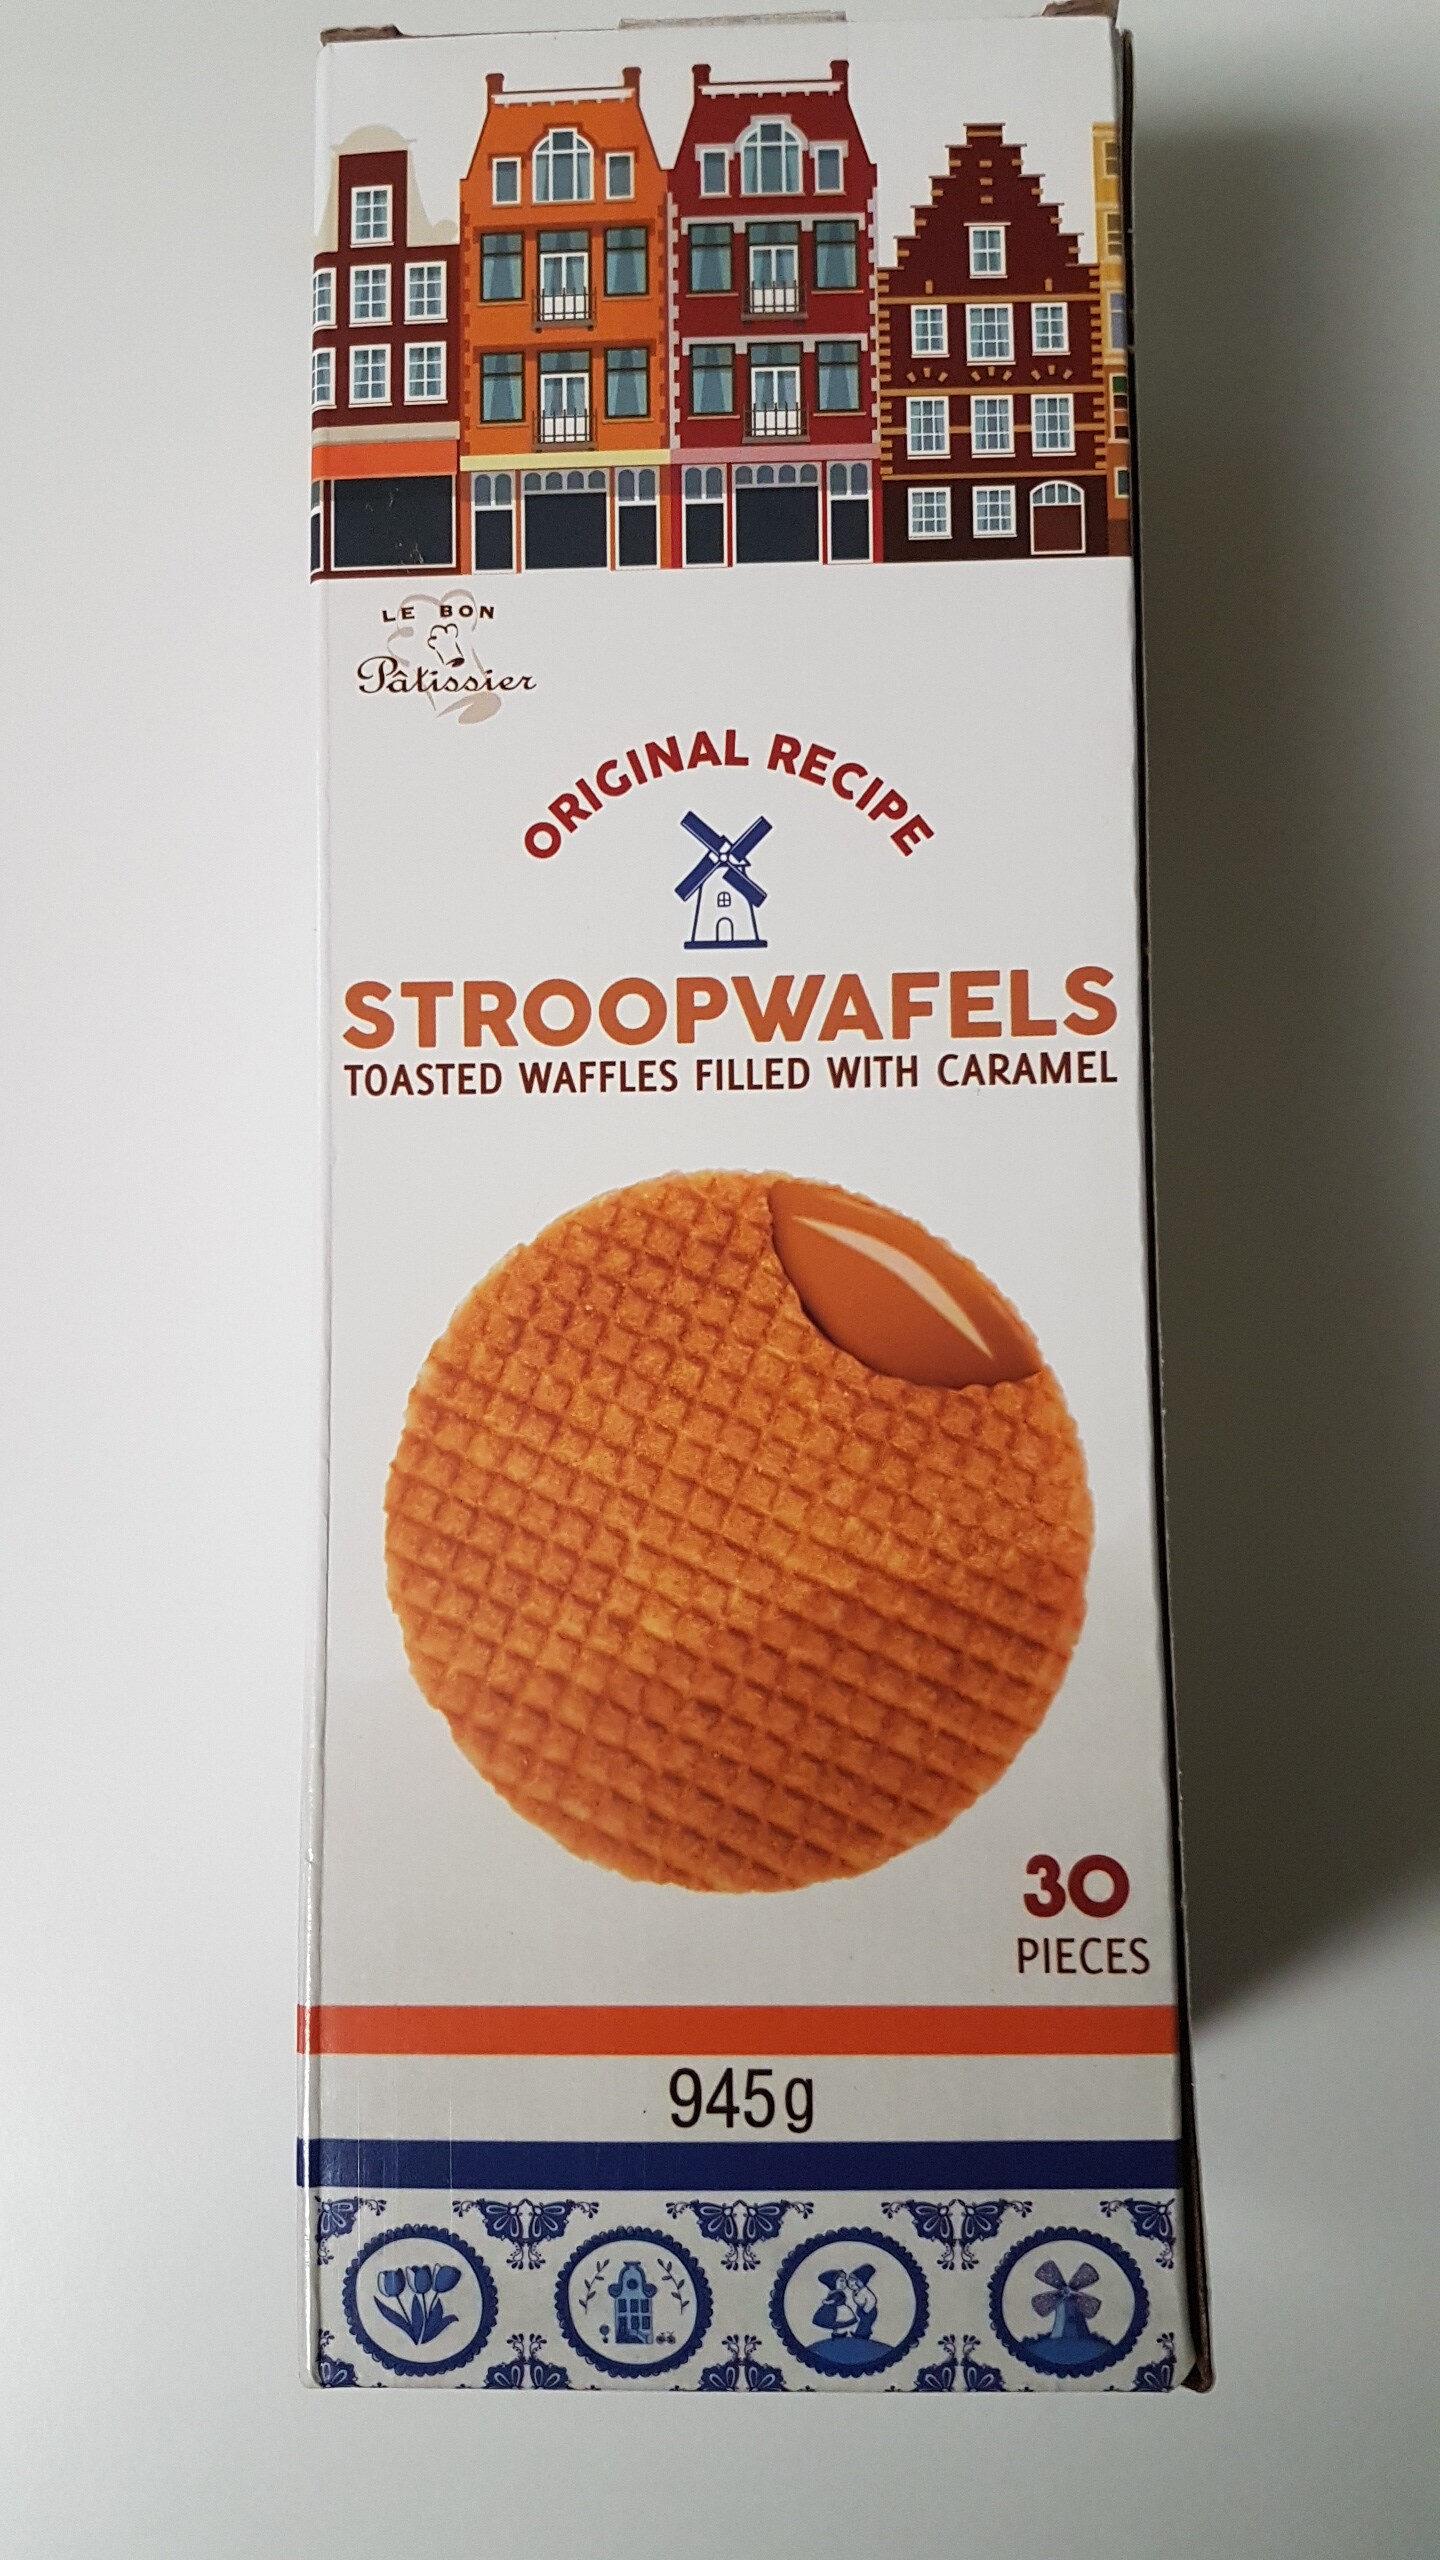 stroopwafels - Product - en